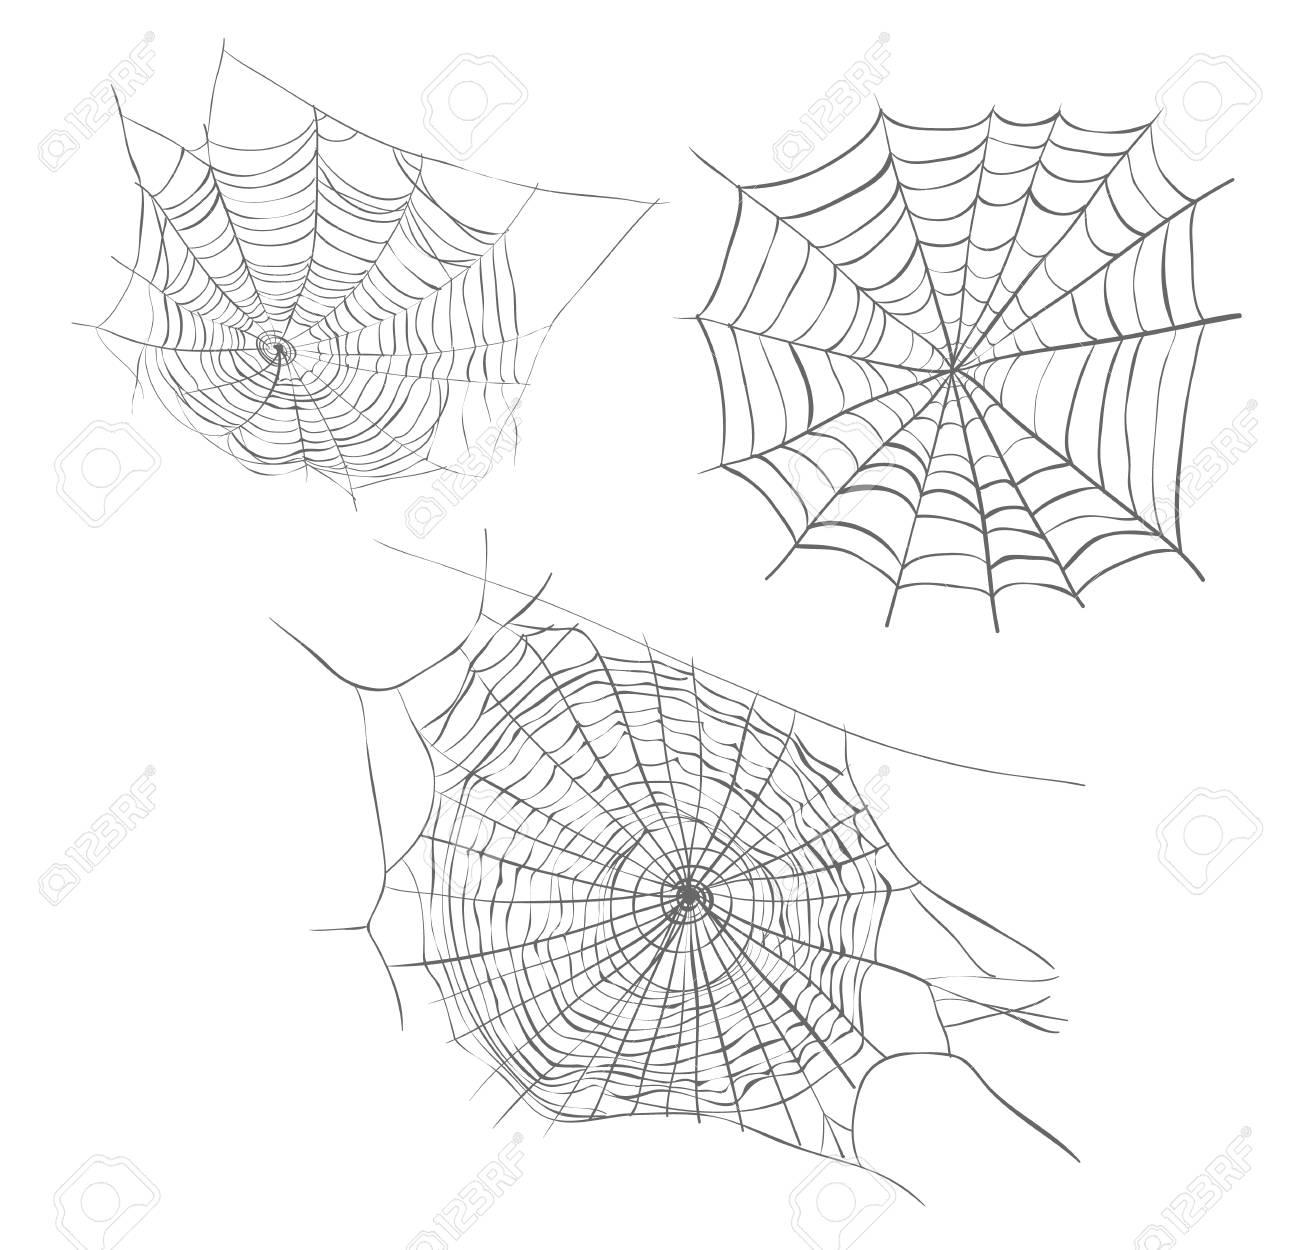 Spiderweb Sketch Vector Illustration. Colección De Dibujo A Mano De ...